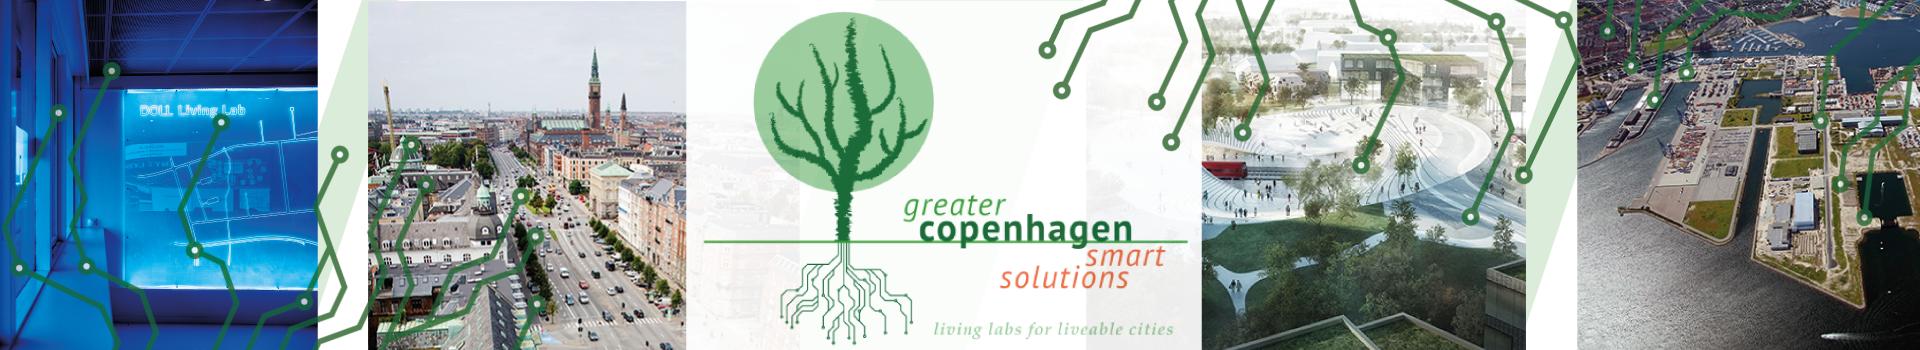 Greater Copenhagen Smart Solutions